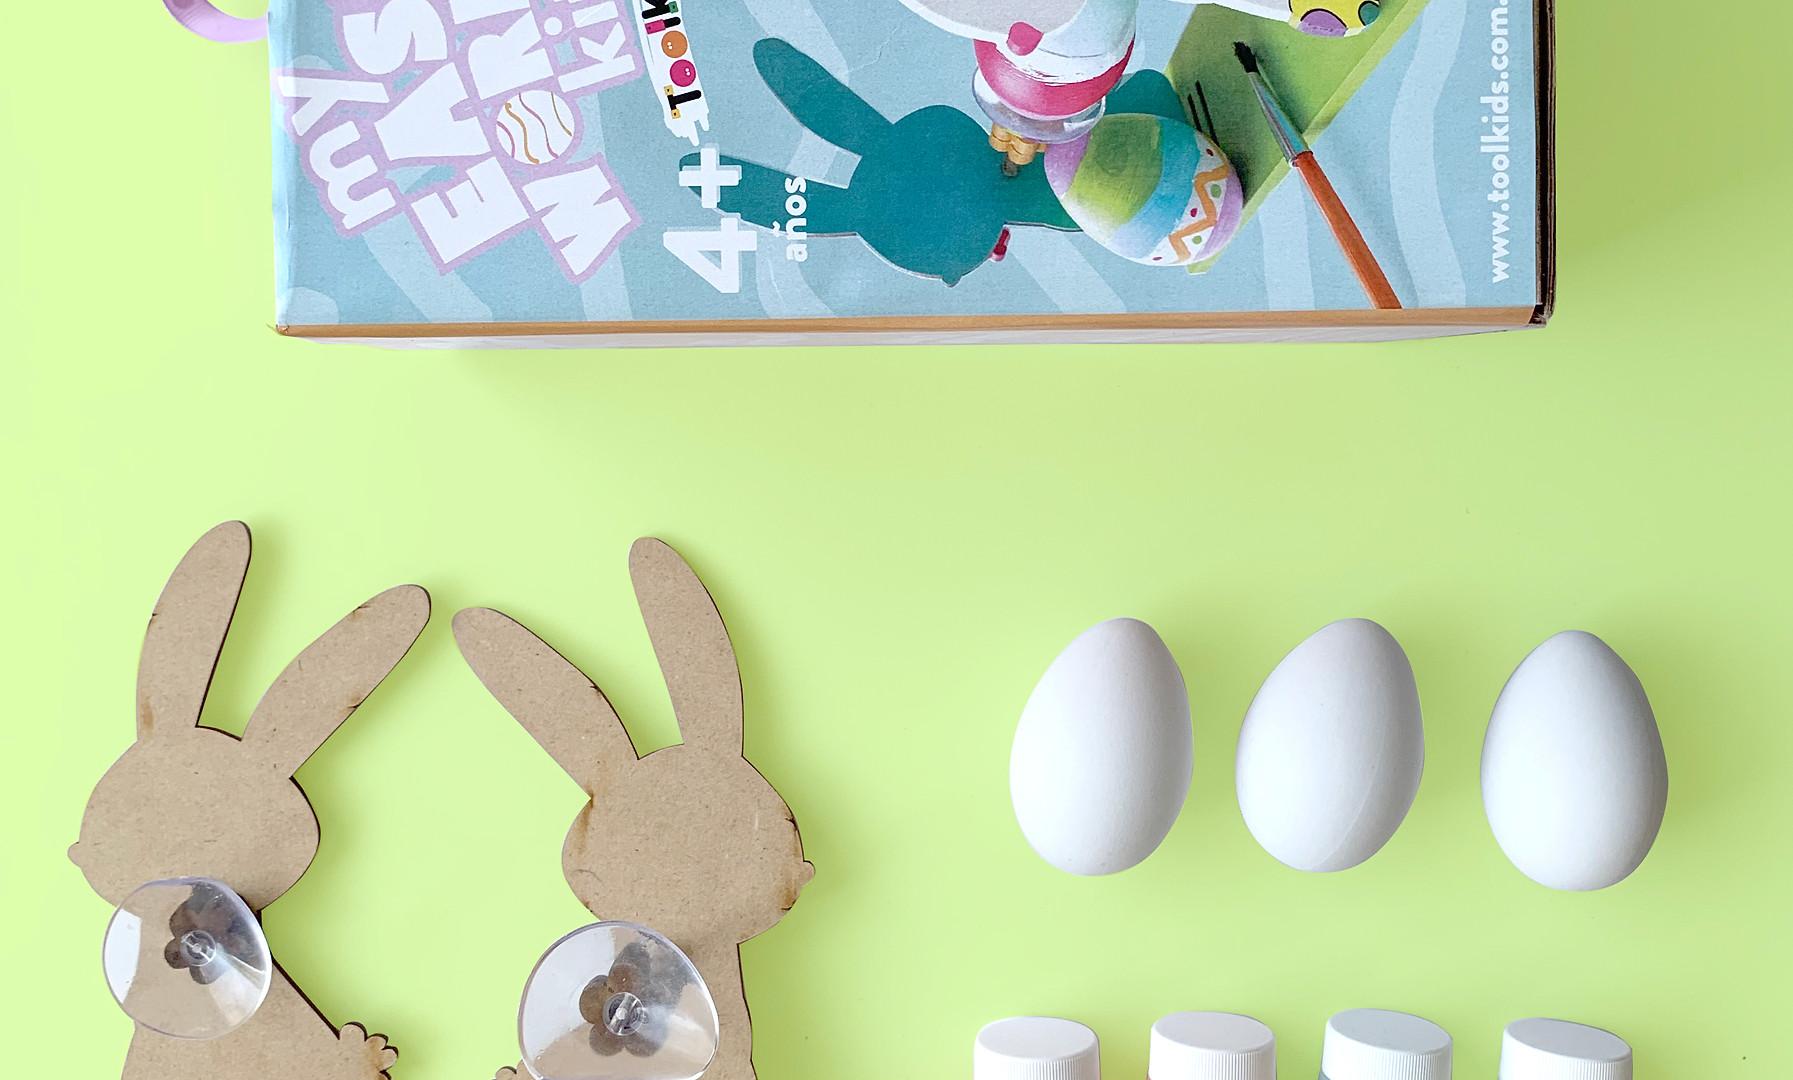 EasterWorkshop2_Toolkids.jpg